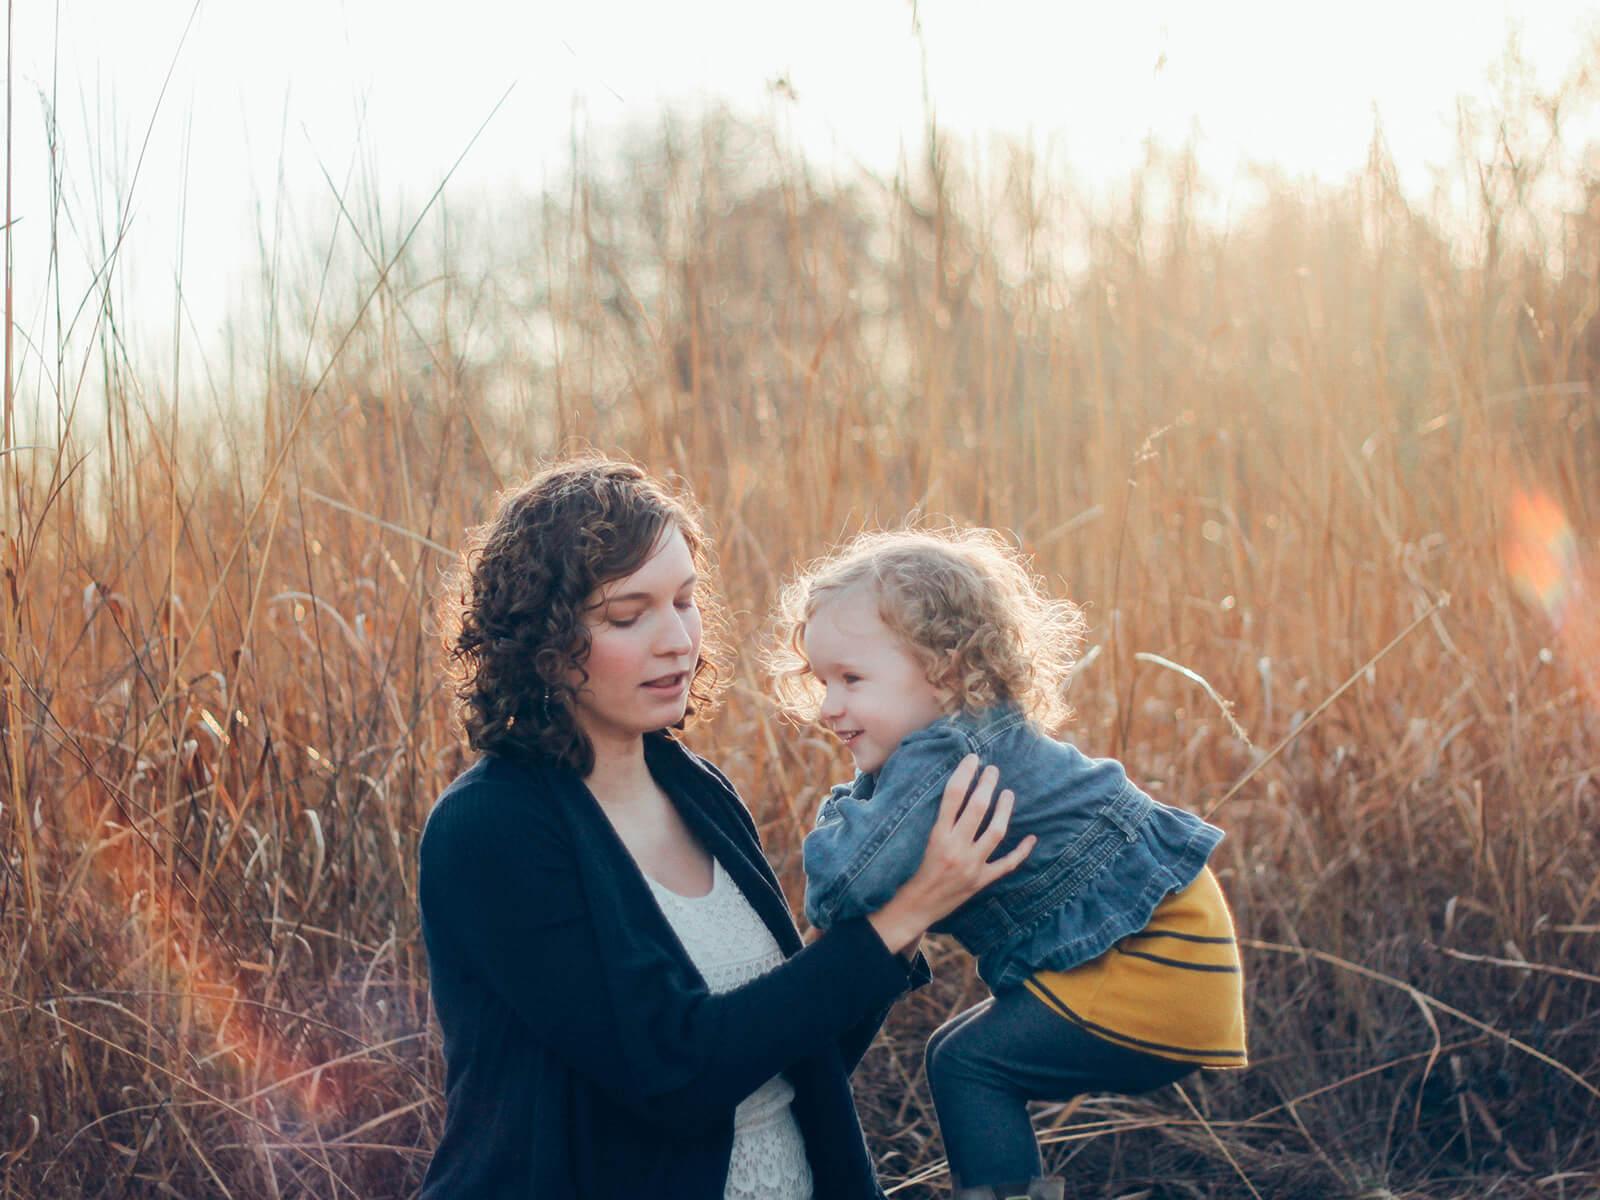 Mutter mit Kind (c) CC0 1.0 - Public Domain (von unsplash.com)